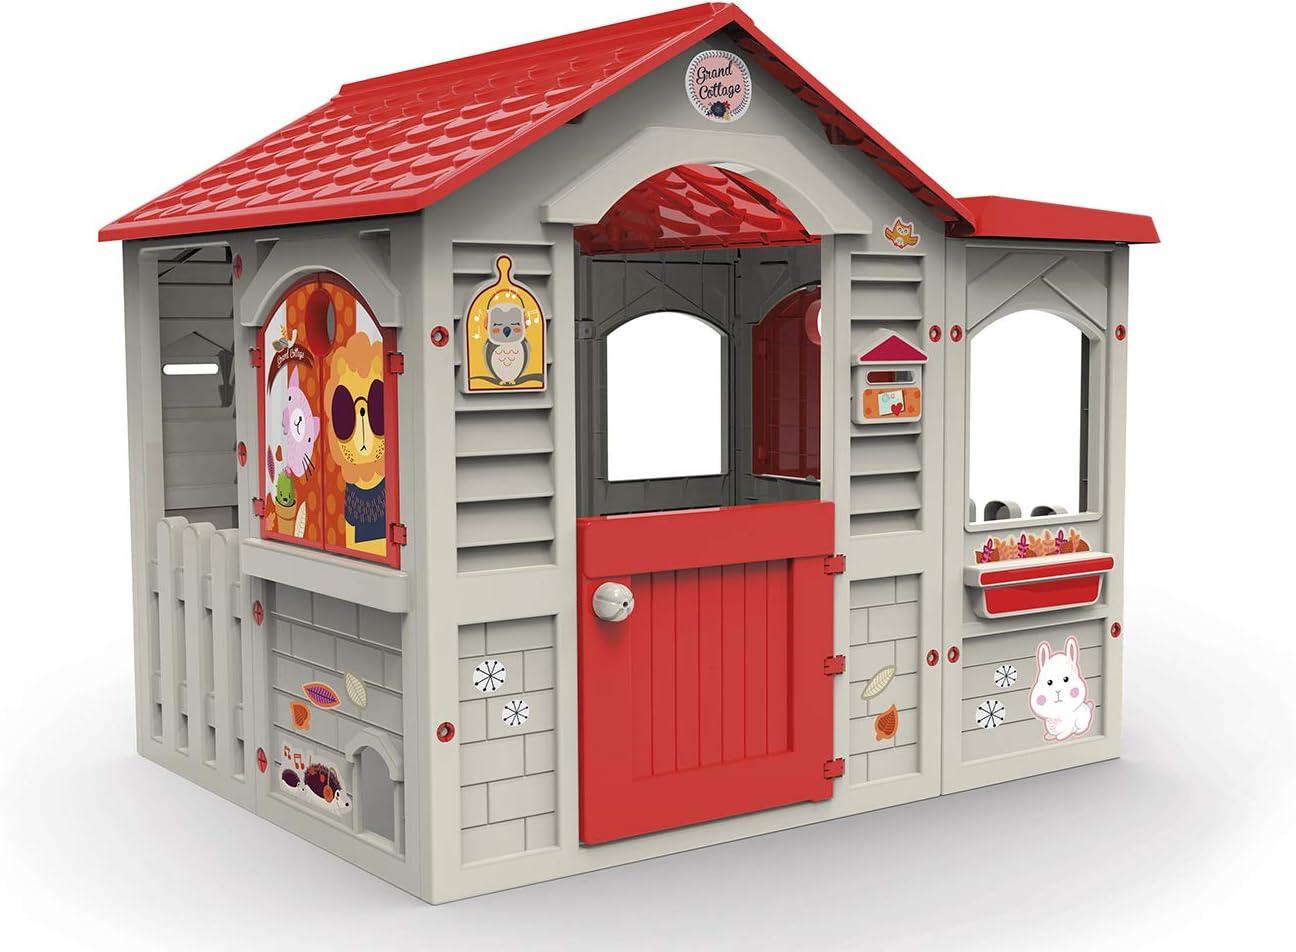 Chicos Casita Infantil de Exterior Grand Cottage XL, Color Beige con tejado Rojo, única (La Fábrica de Juguetes 89627)